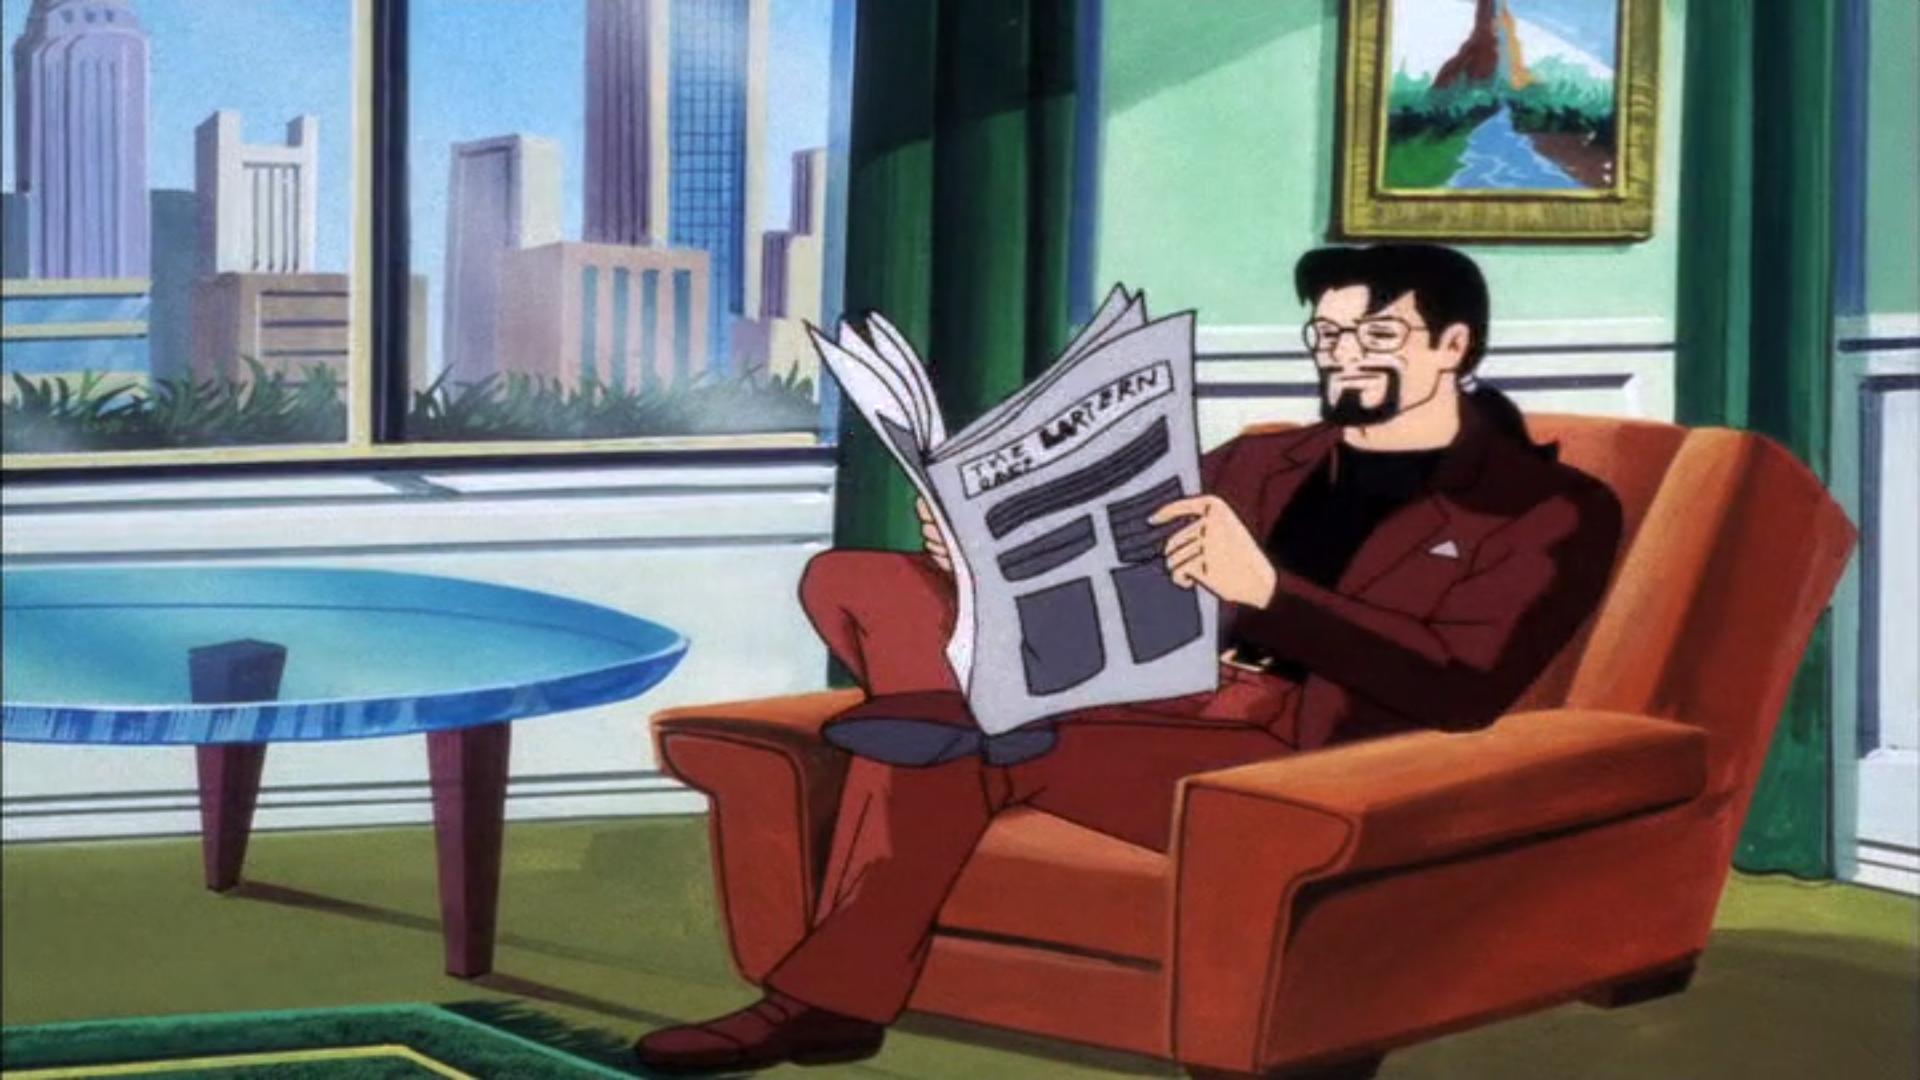 An innocent-looking Ben Ravencroft, reading a newspaper.